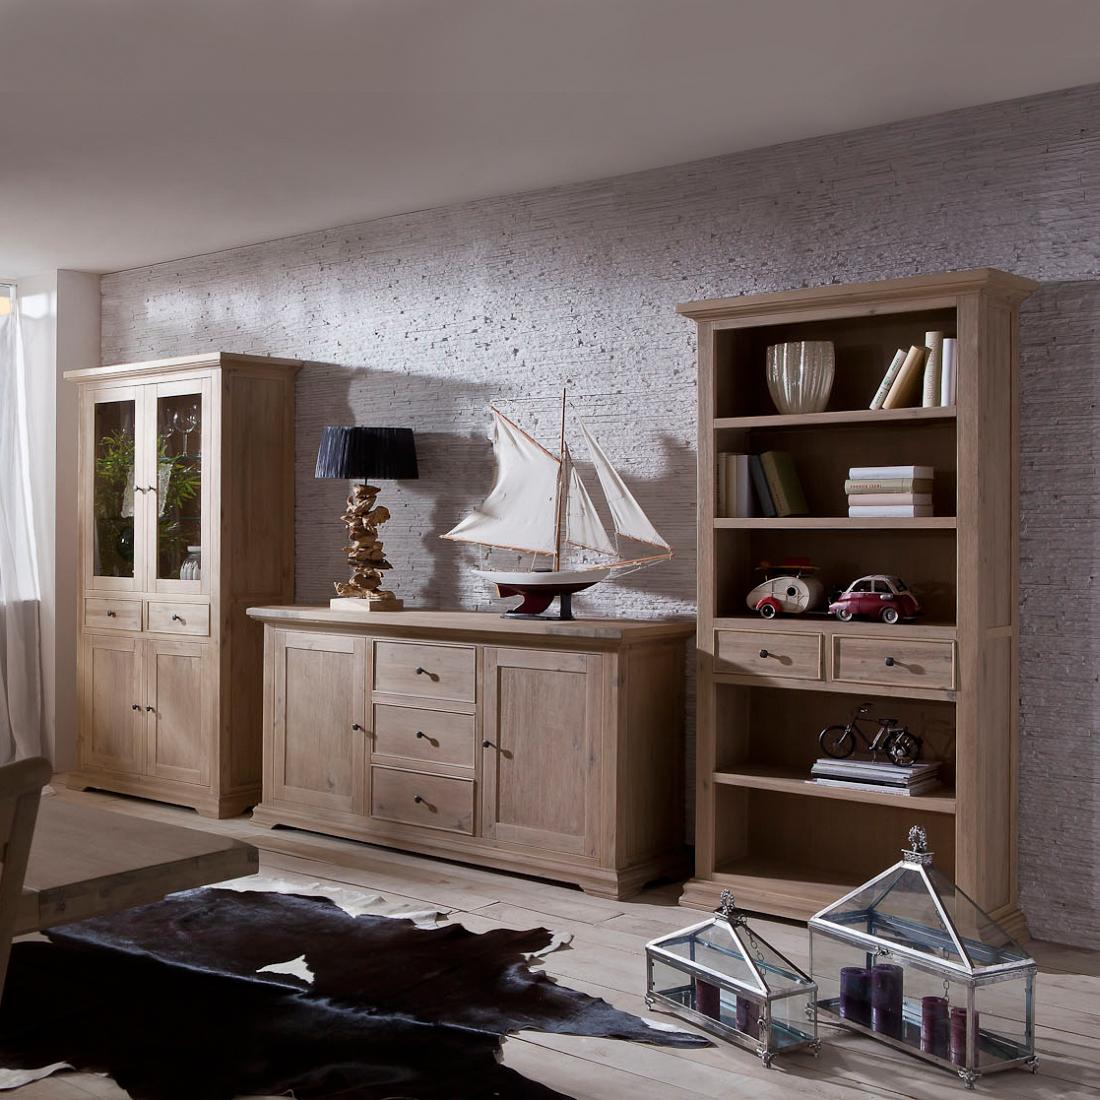 Standregal bücherregal akazie massivholz wohnzimmer bücher